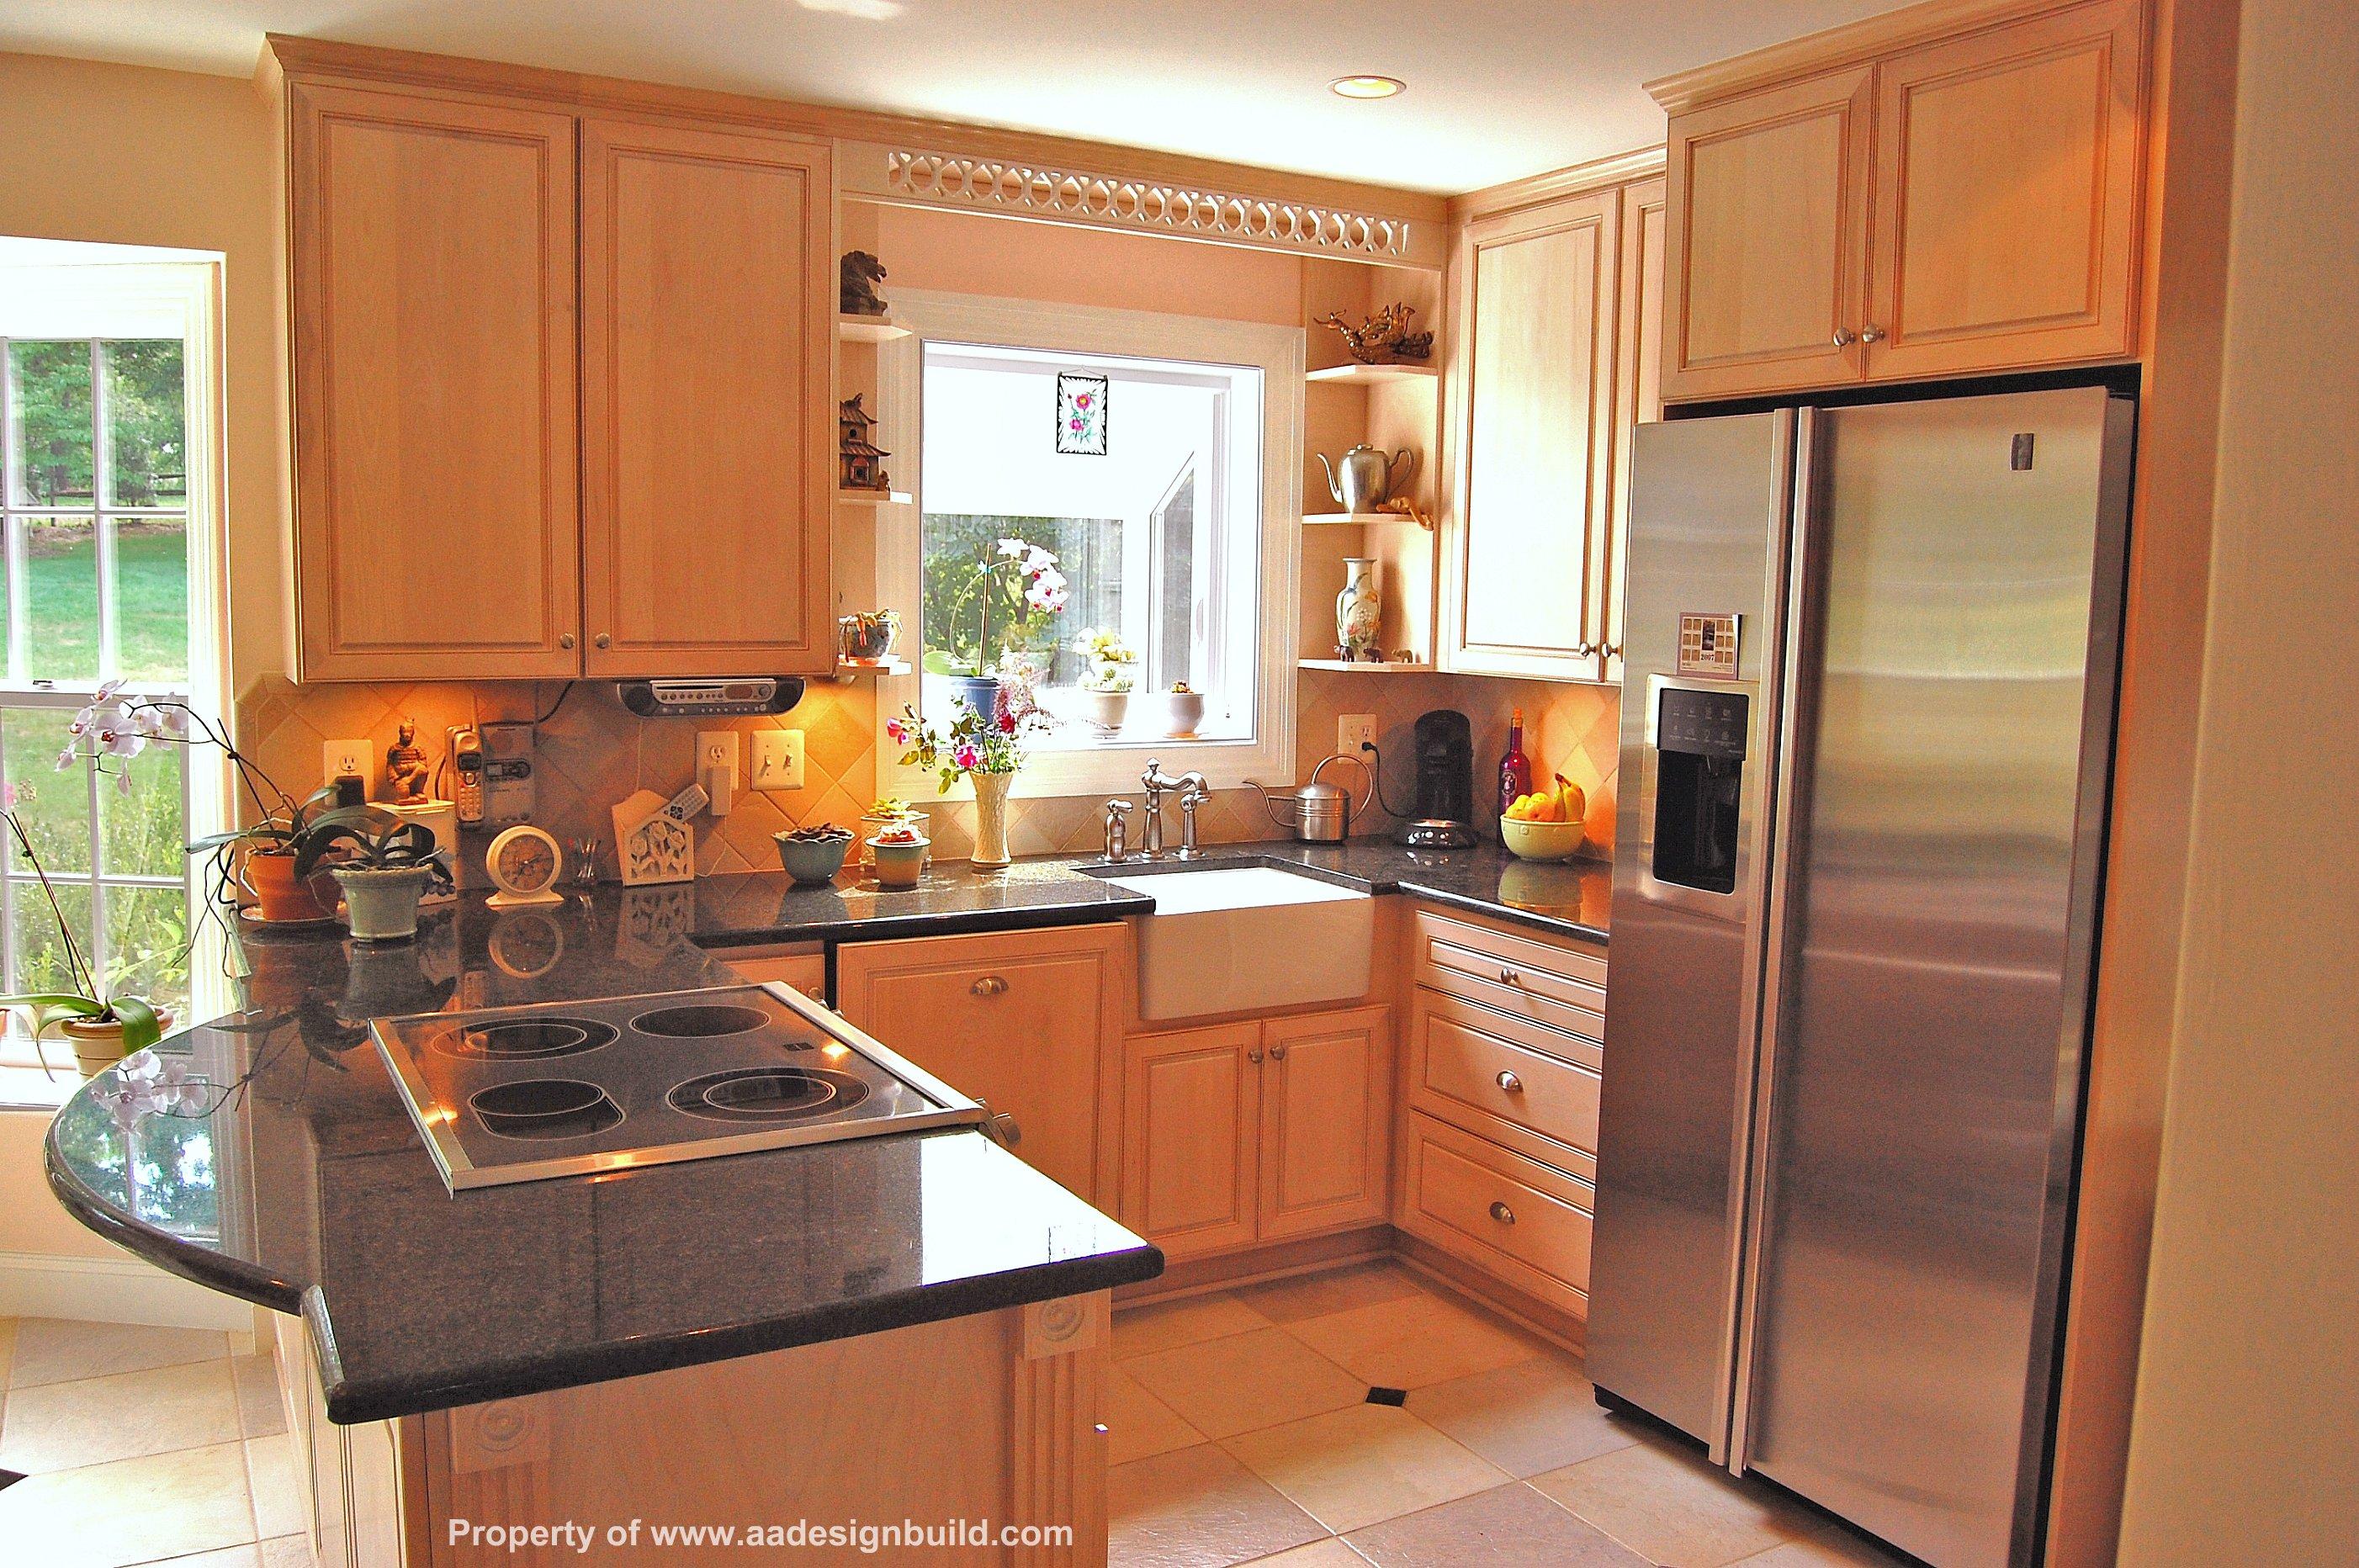 Kitchen Garden Window Designs cauroracom Just All About Windows